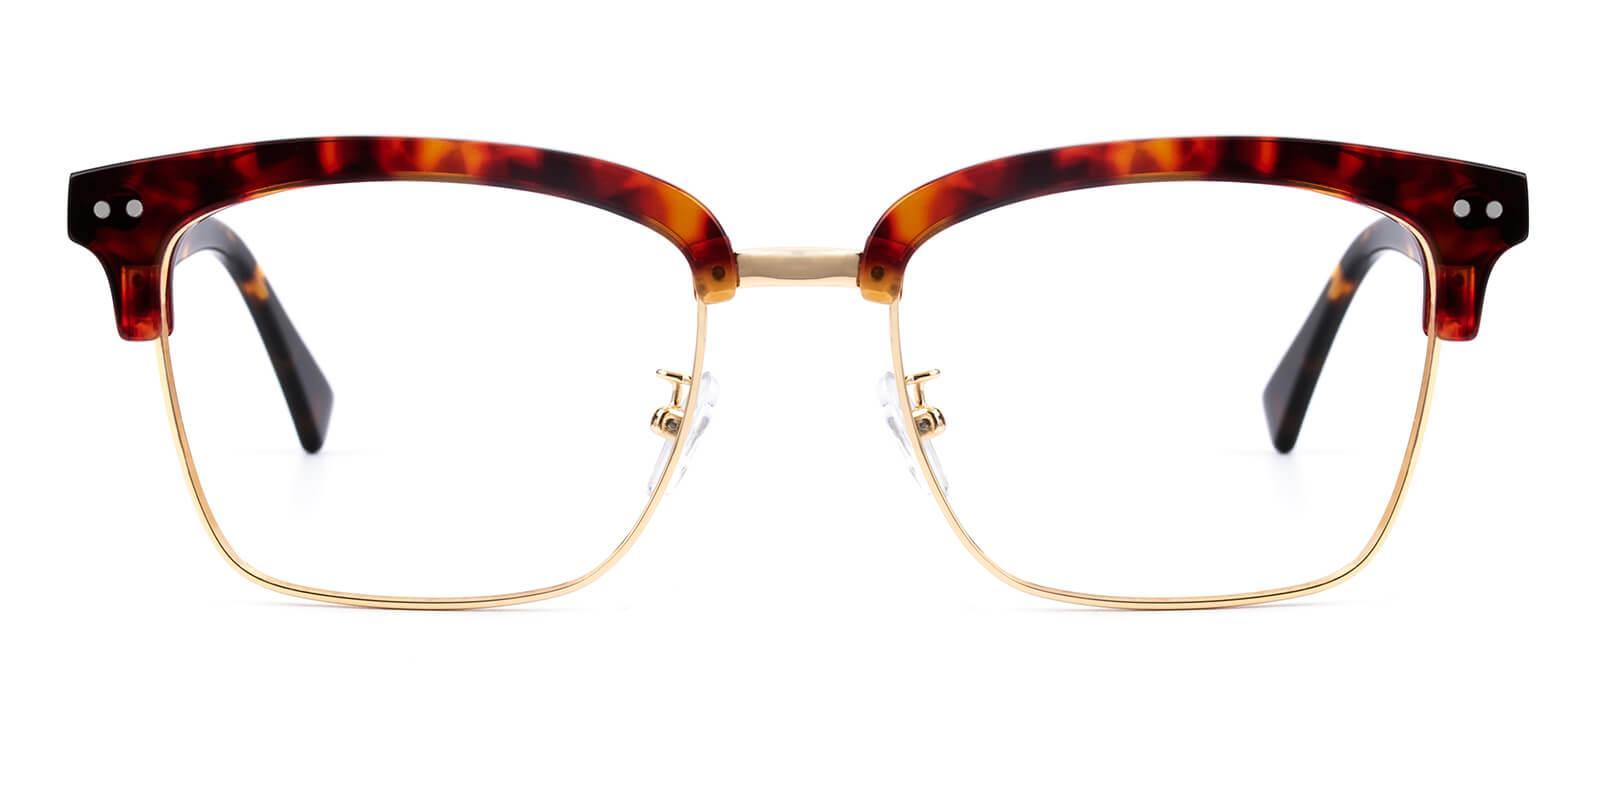 Ellimim-Tortoise-Browline-Acetate / Metal-Eyeglasses-additional2